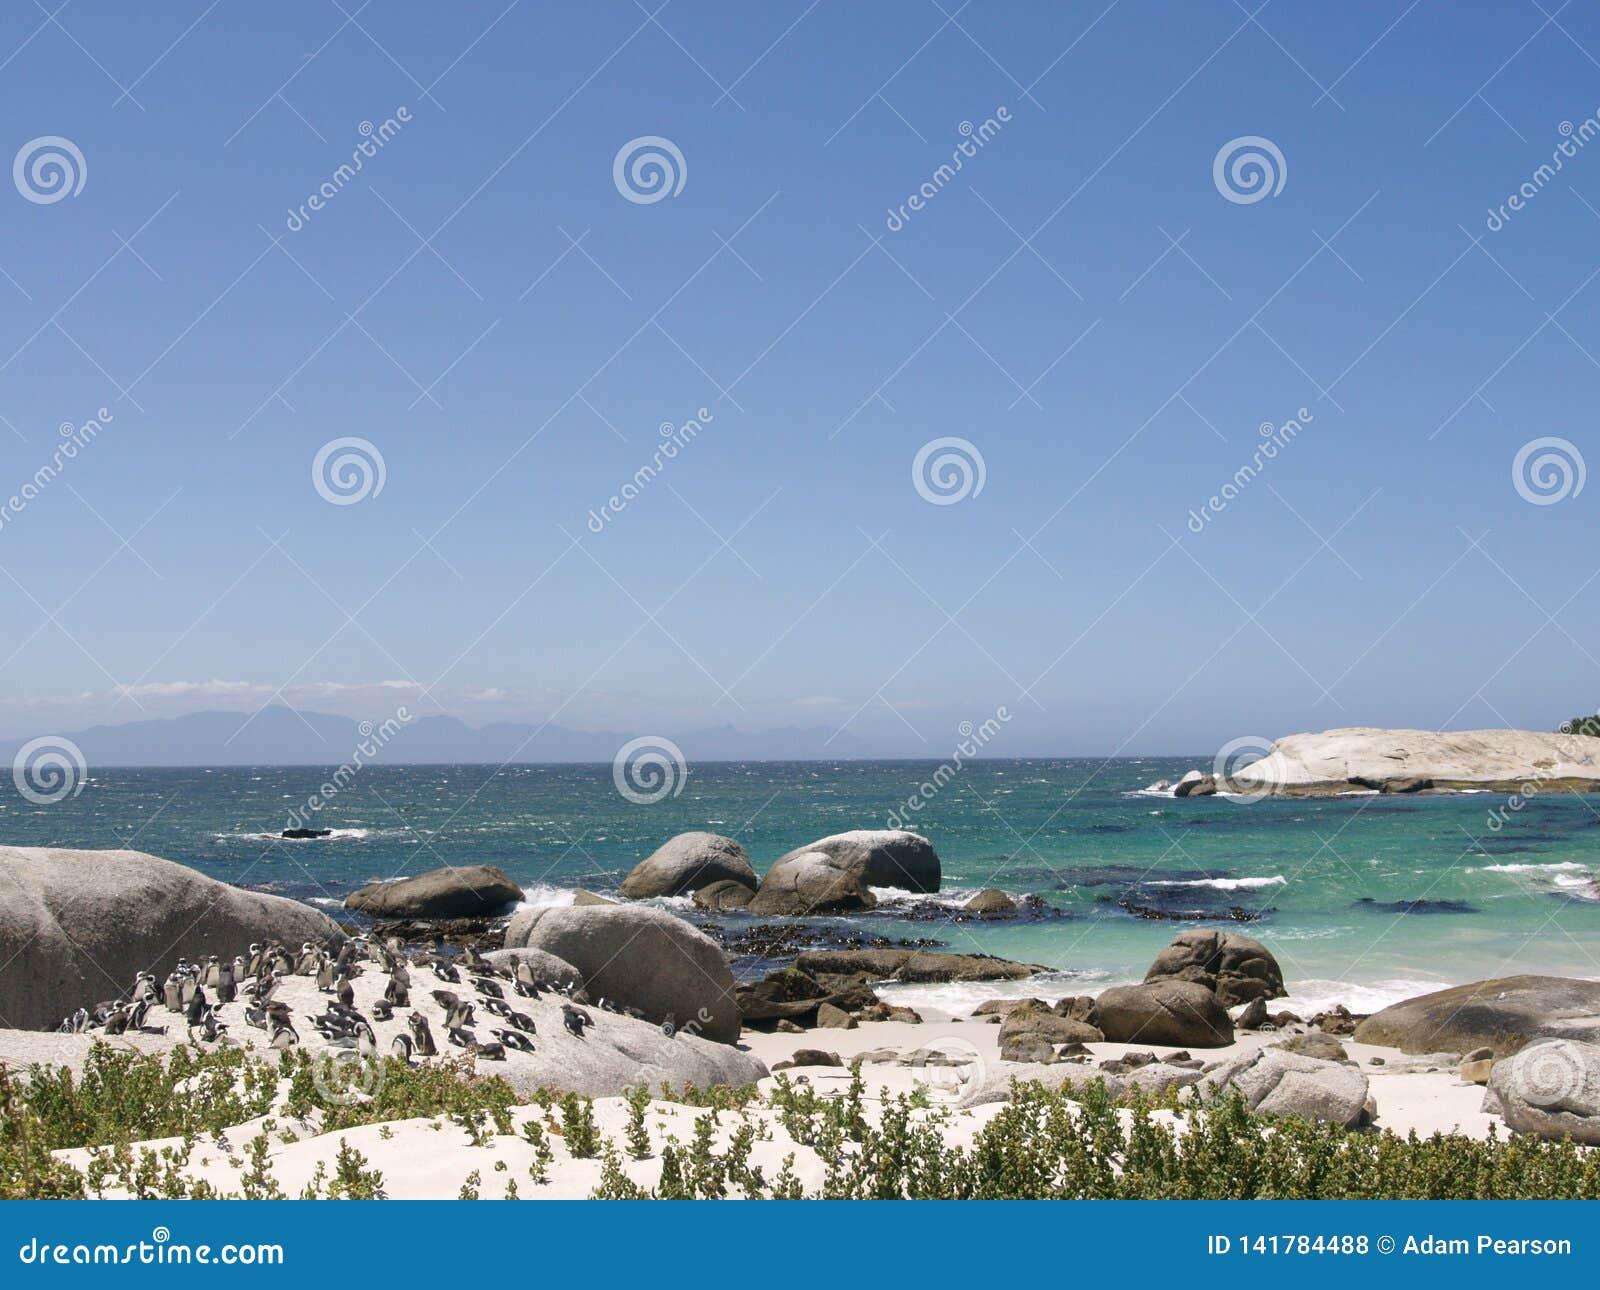 Колония пингвинов на валунах приставает к берегу, Кейптаун, Южная Африка